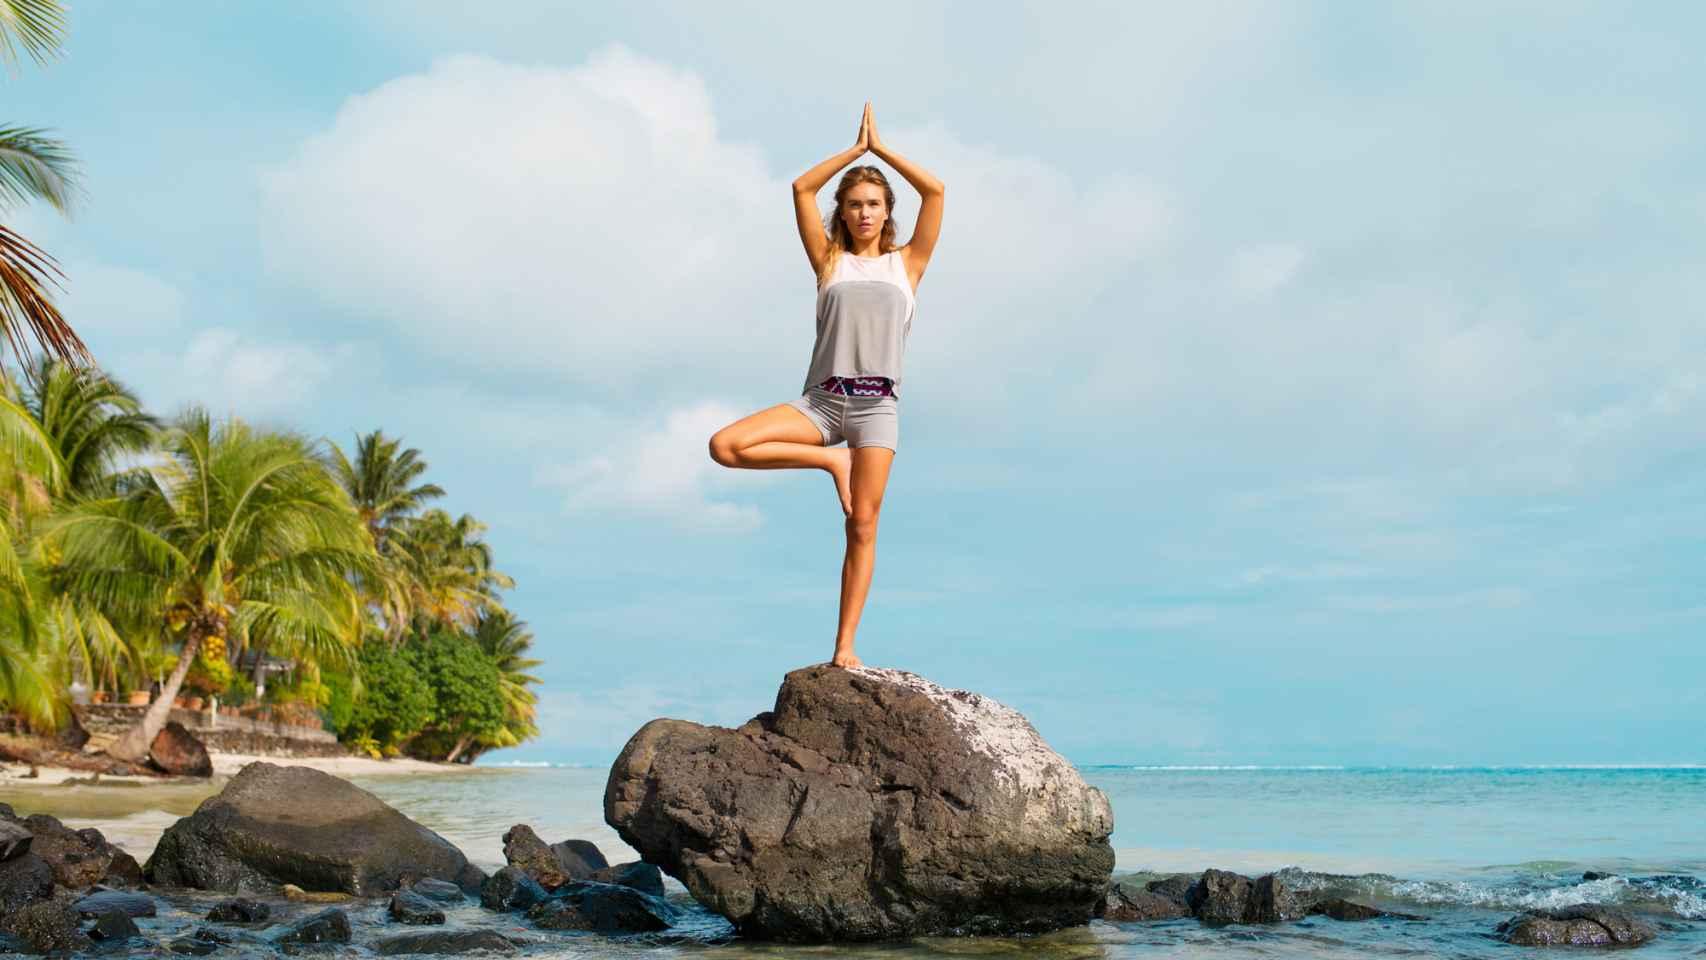 El yoga ayuda a conectar con tu yo interno y qué mejor que unas vacaciones para liberar la mente.